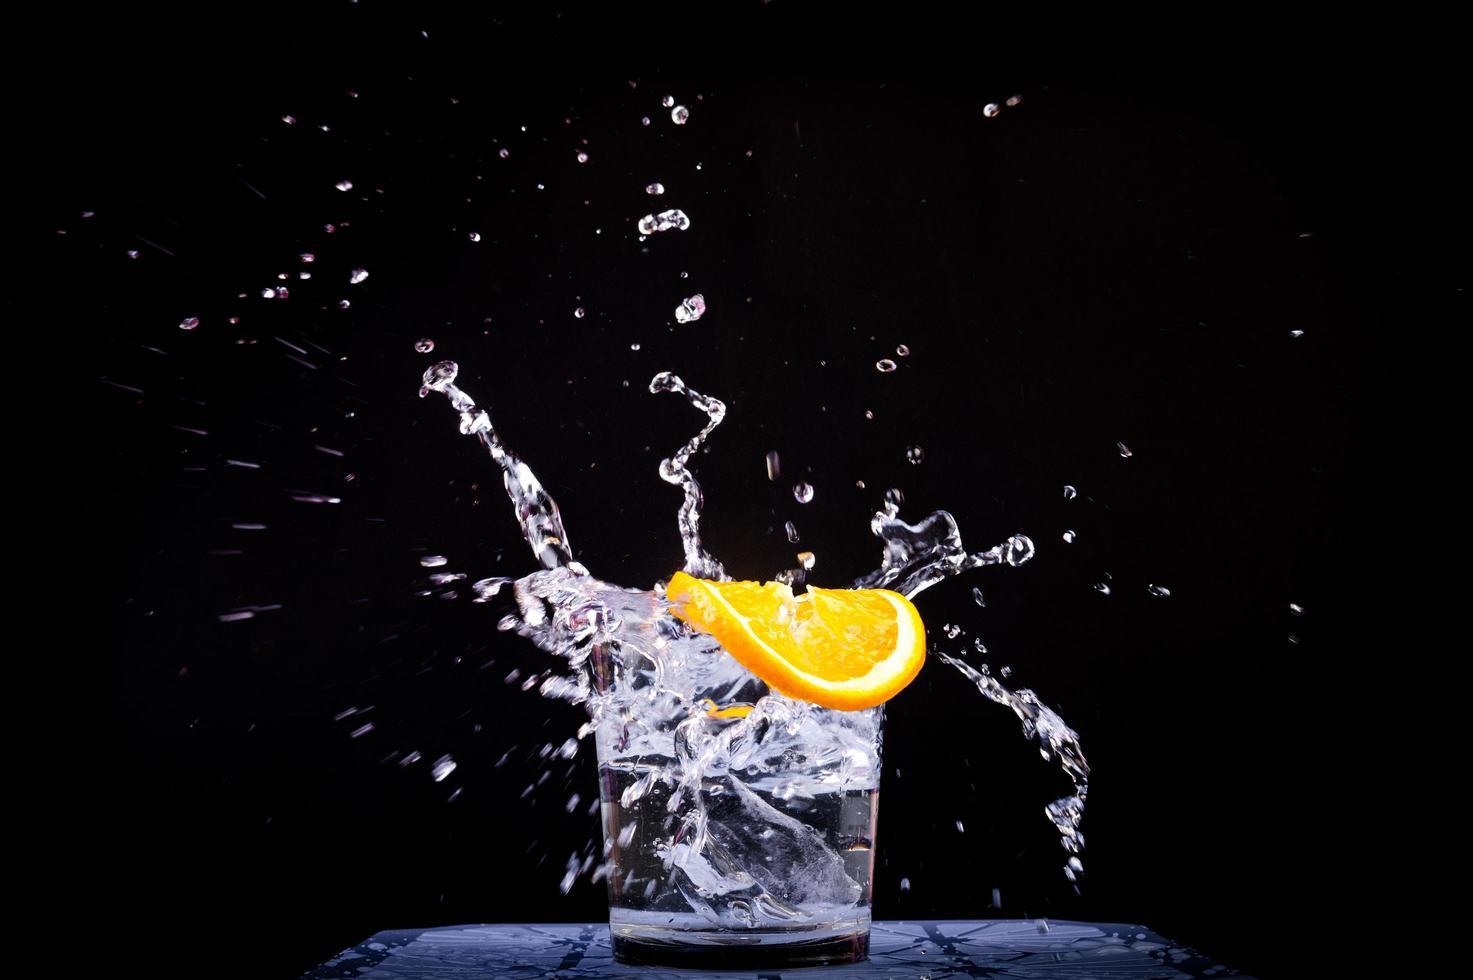 scheutje water in glas met gesneden citroen foto